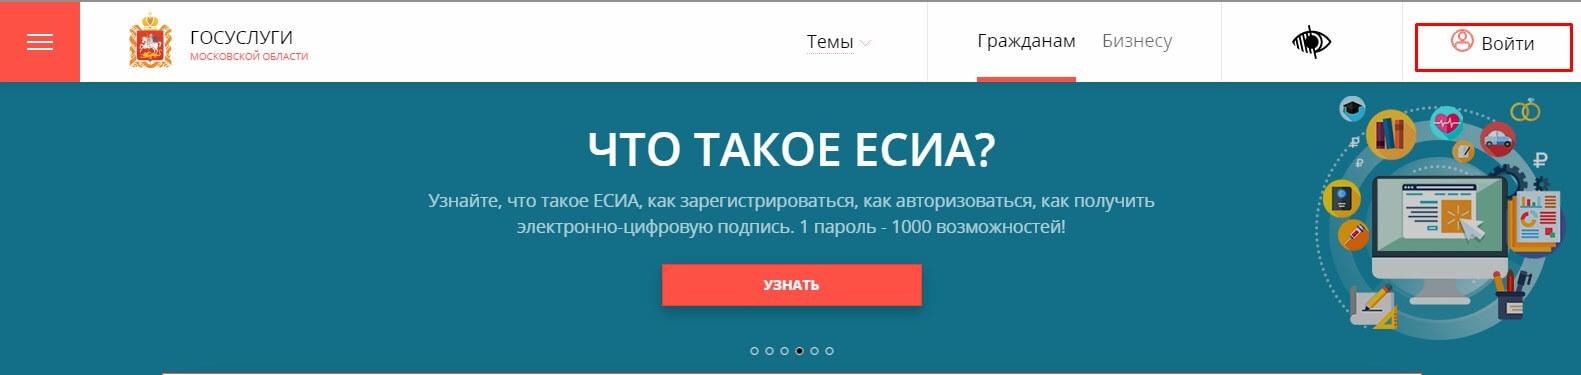 Госуслуги Московской области